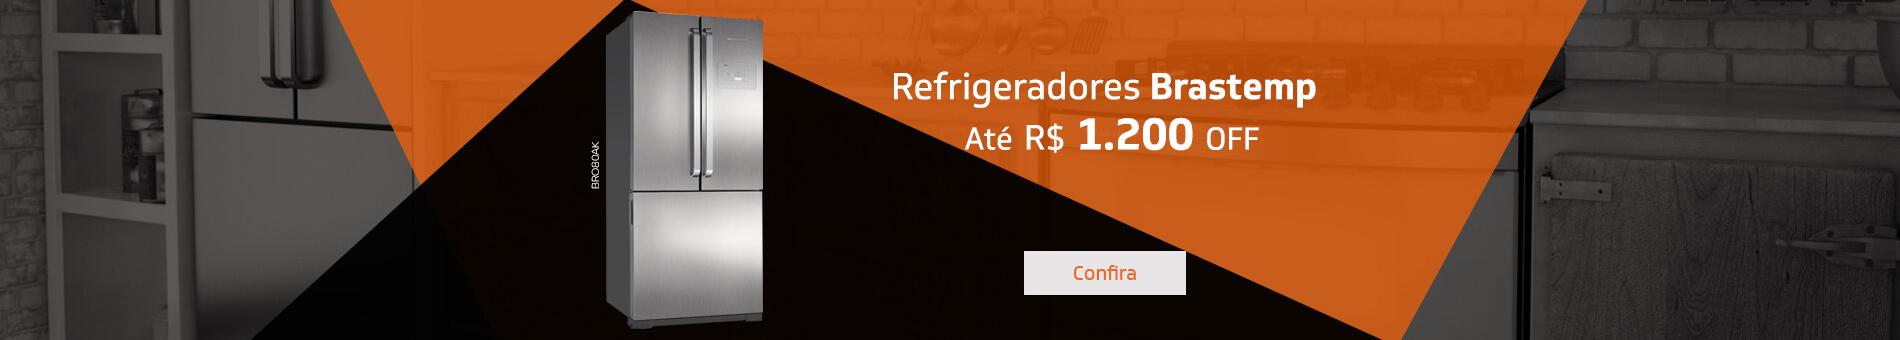 Promoção Interna - 916 - generico_refrigeradores_home2_29092016 - refrigeradores - 3